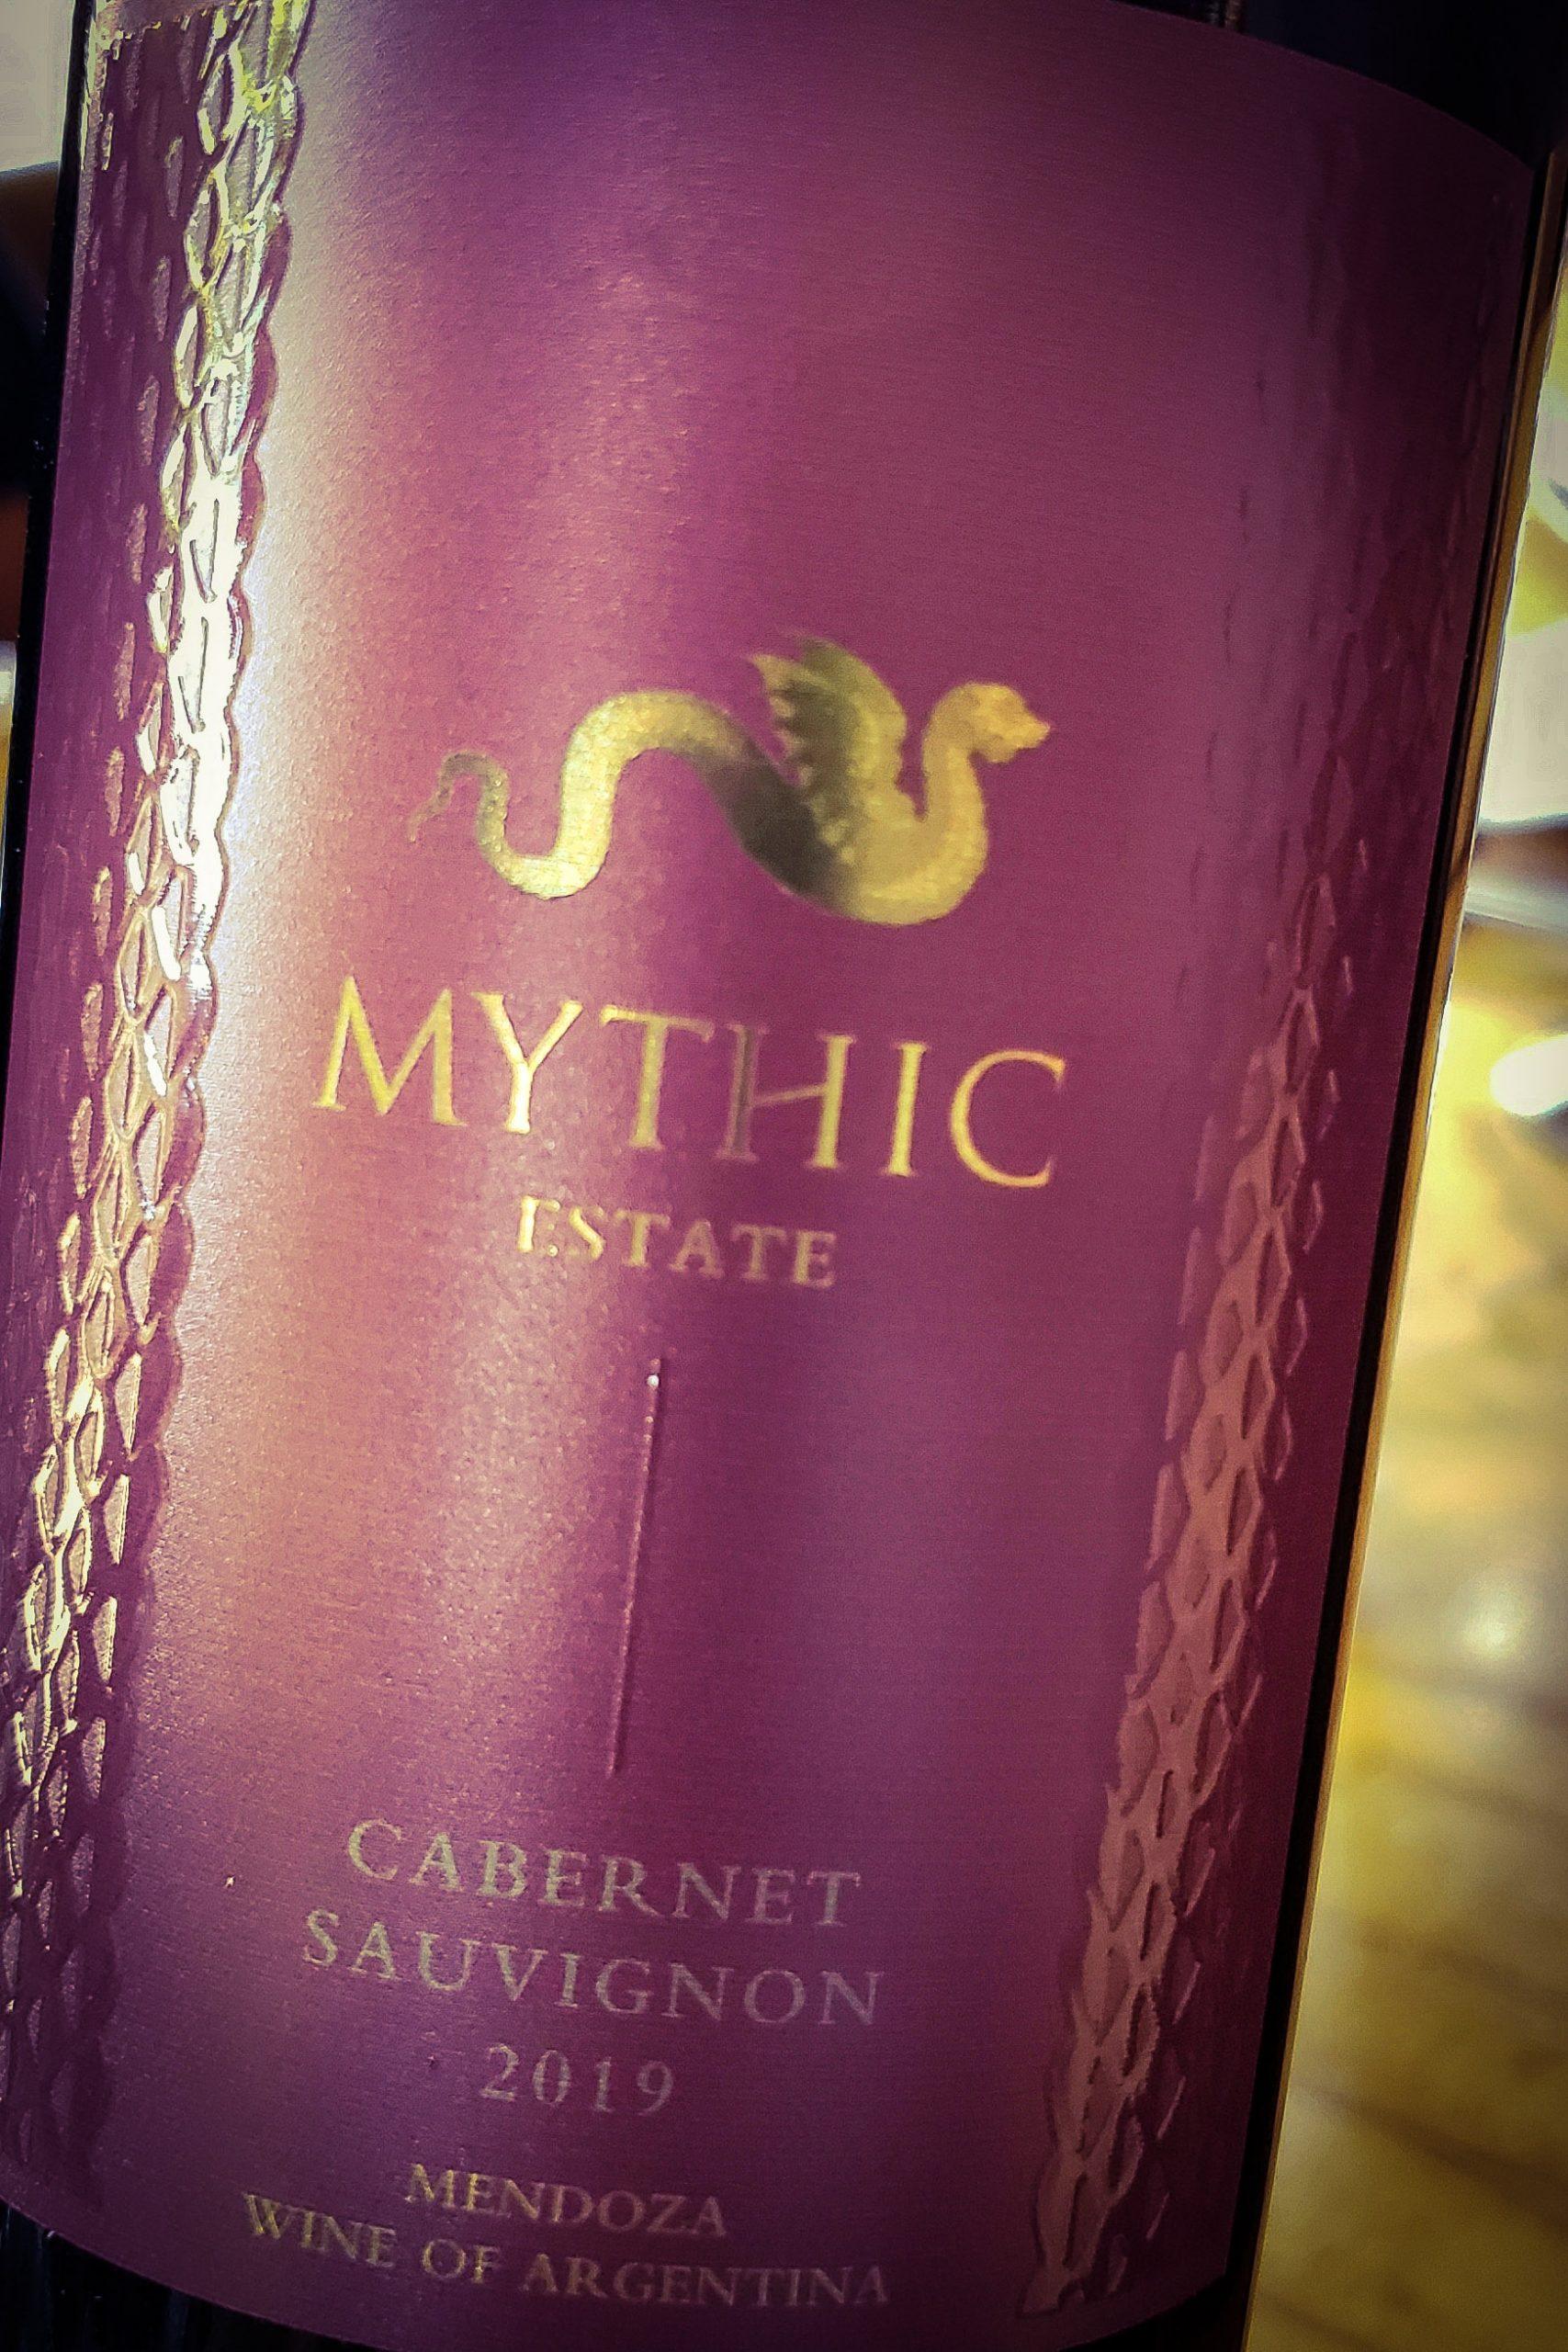 Mythic: Libertad, búsqueda y aventura 12